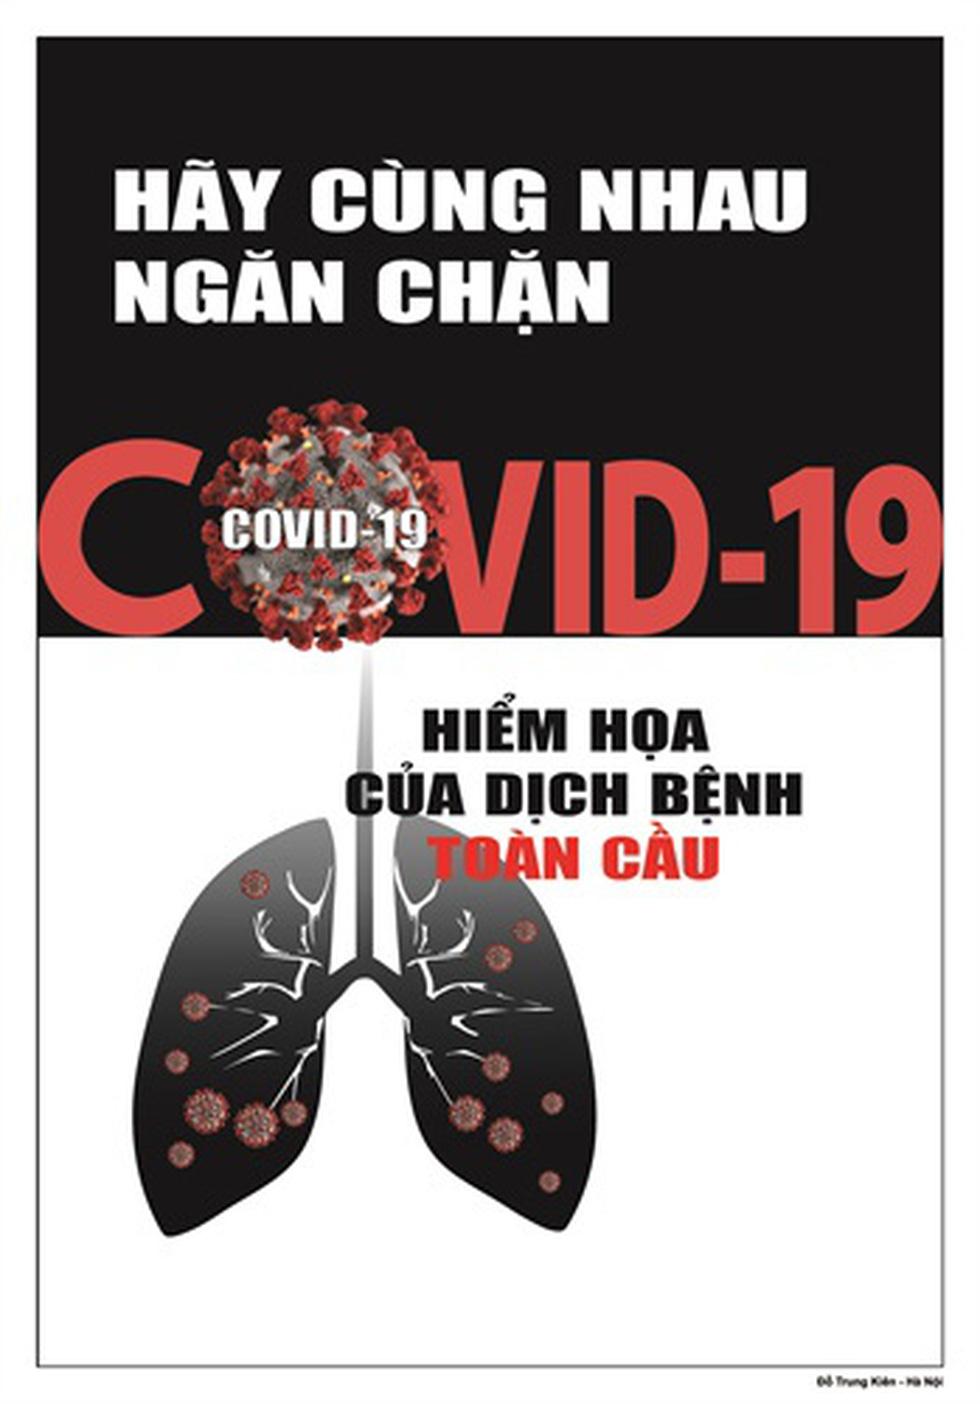 Tin giả gánh hậu quả thật vào tranh cổ động phòng chống COVID-19 - Ảnh 7.